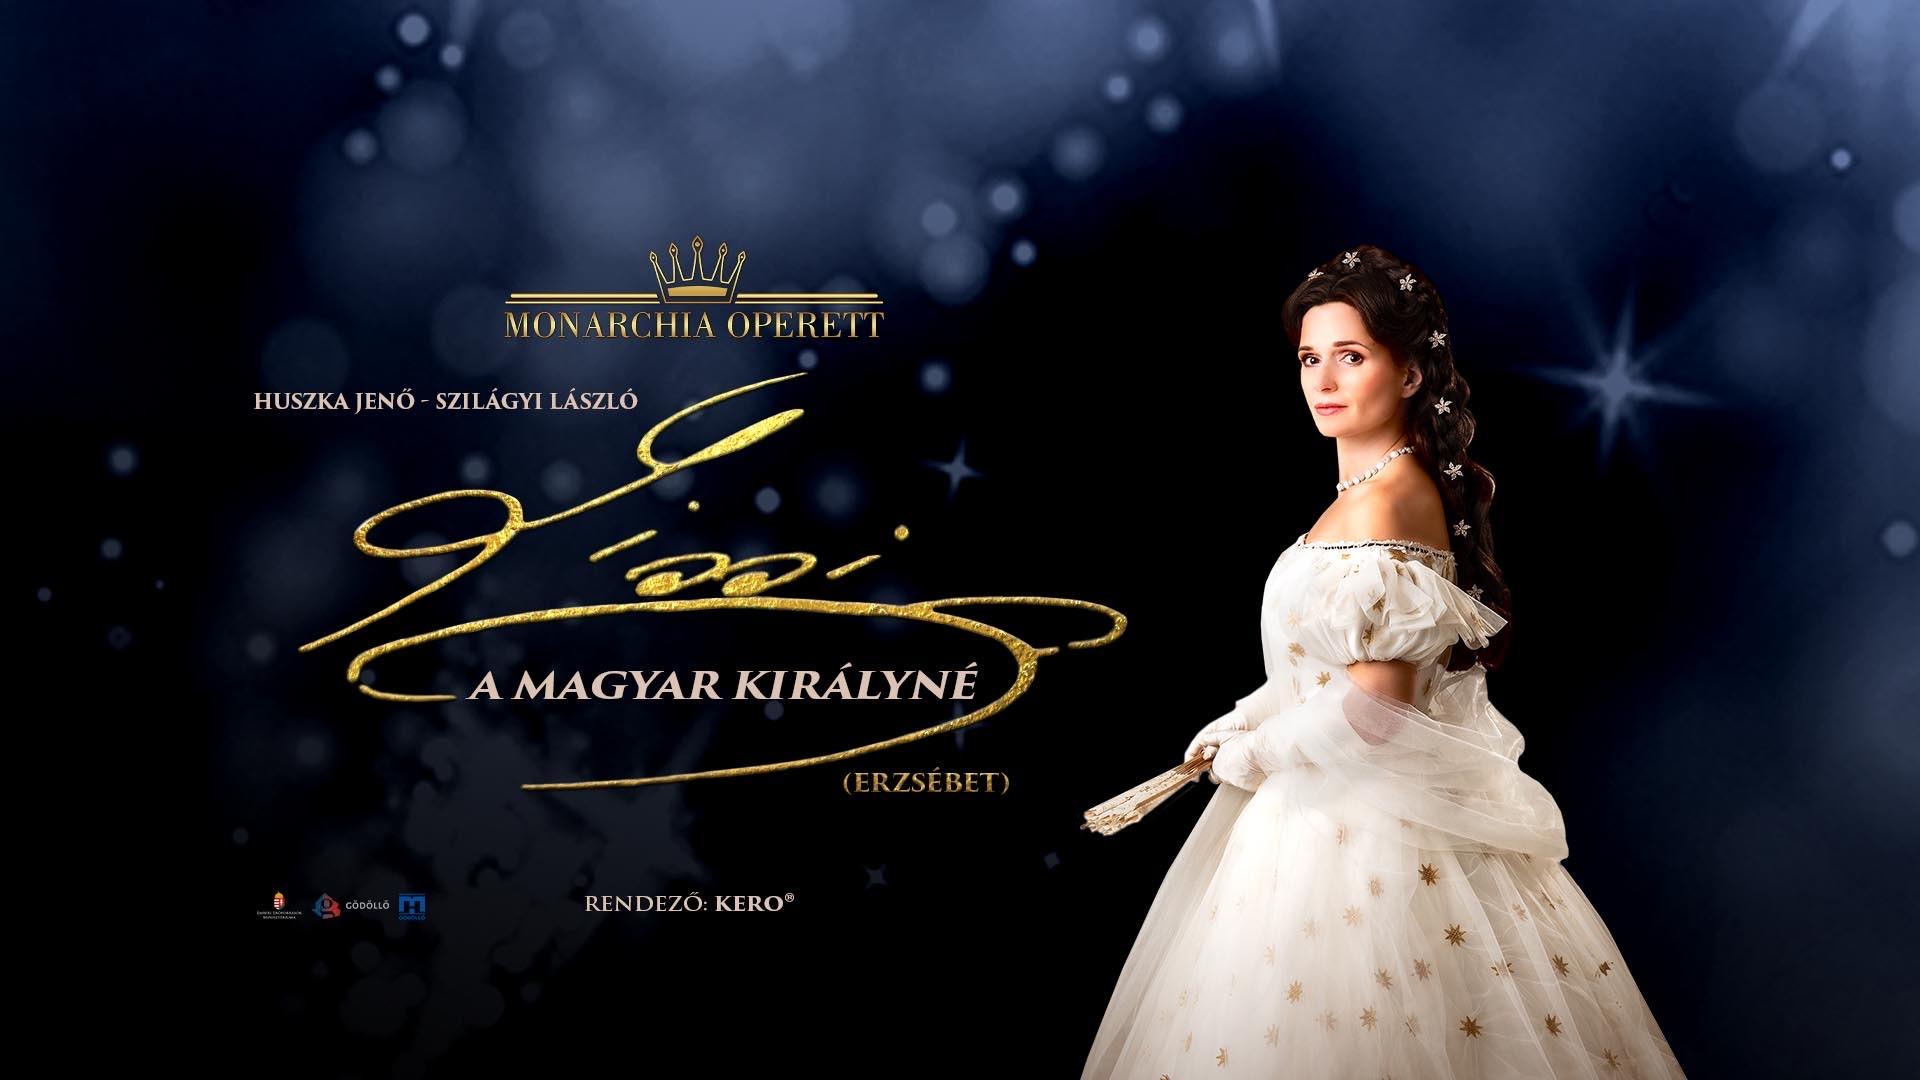 Sissi, a magyar királyné (Erzsébet) - Neszmélyi Kálmán, fiatal szerelmes, Kossuth Lajos feltétlen híve - Monarchia Operett